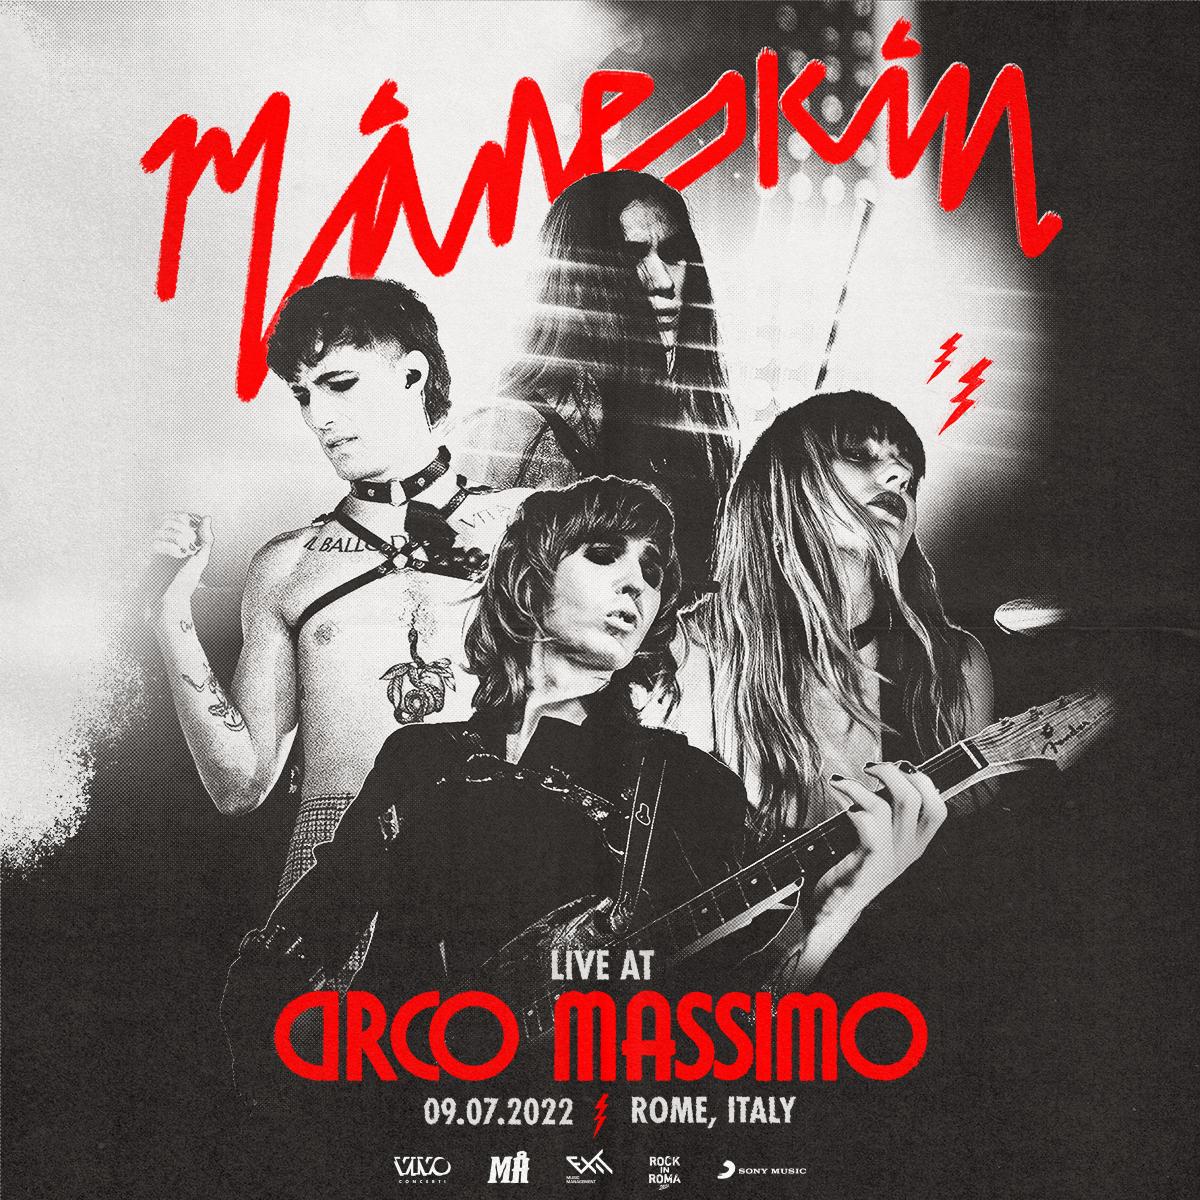 Maneskin al Circo Massimo: data, biglietti e come arrivare